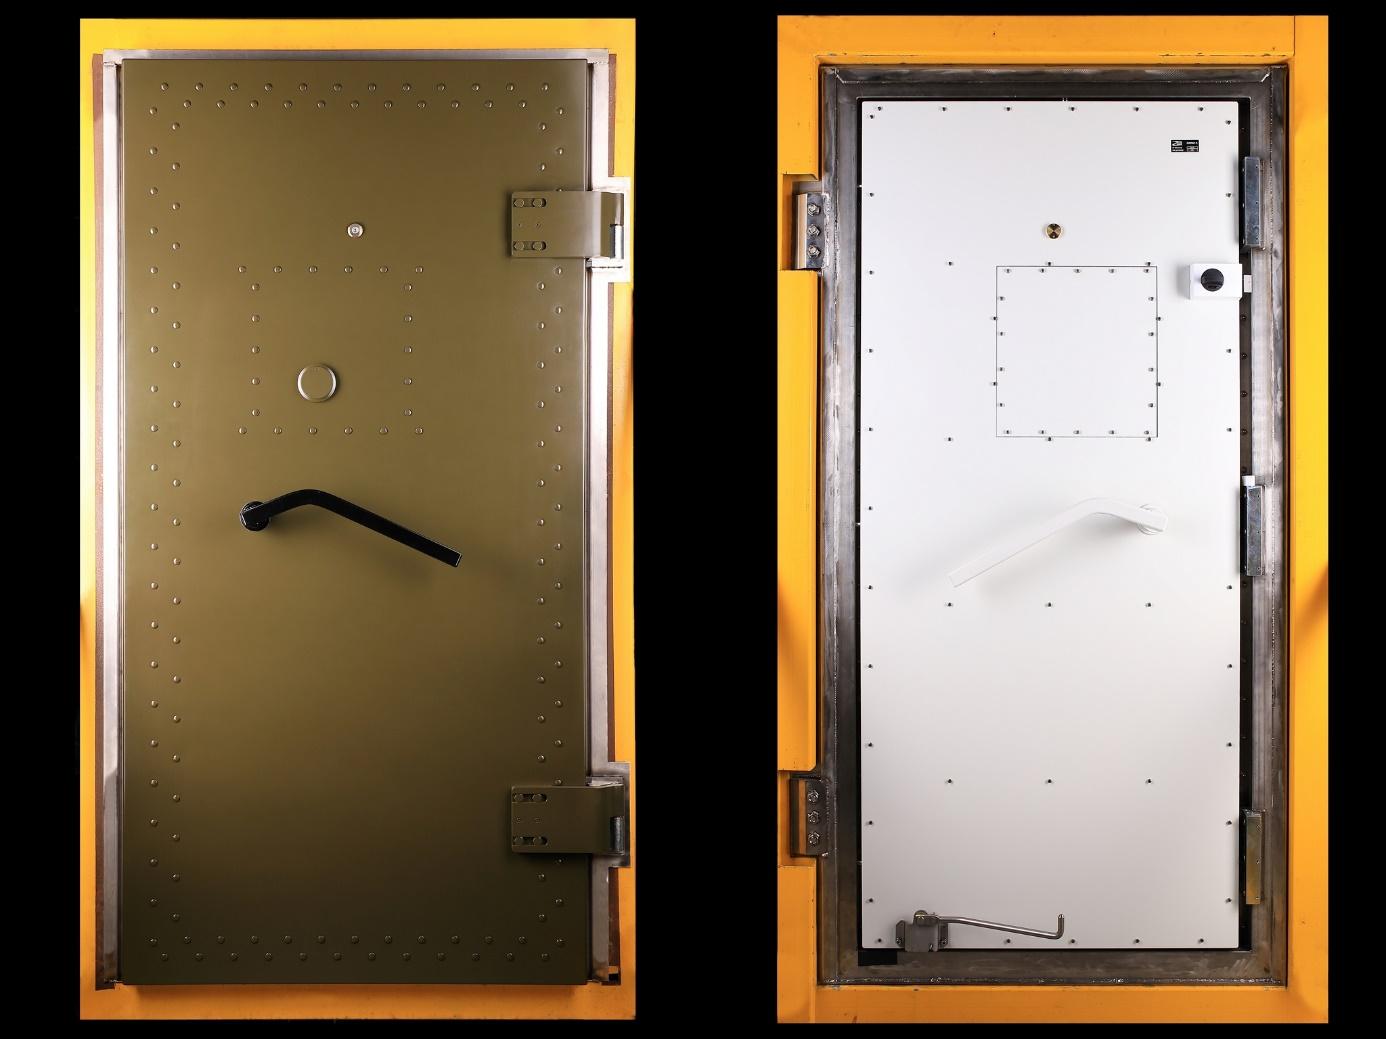 drzwi szczelne elektromagnetycznie